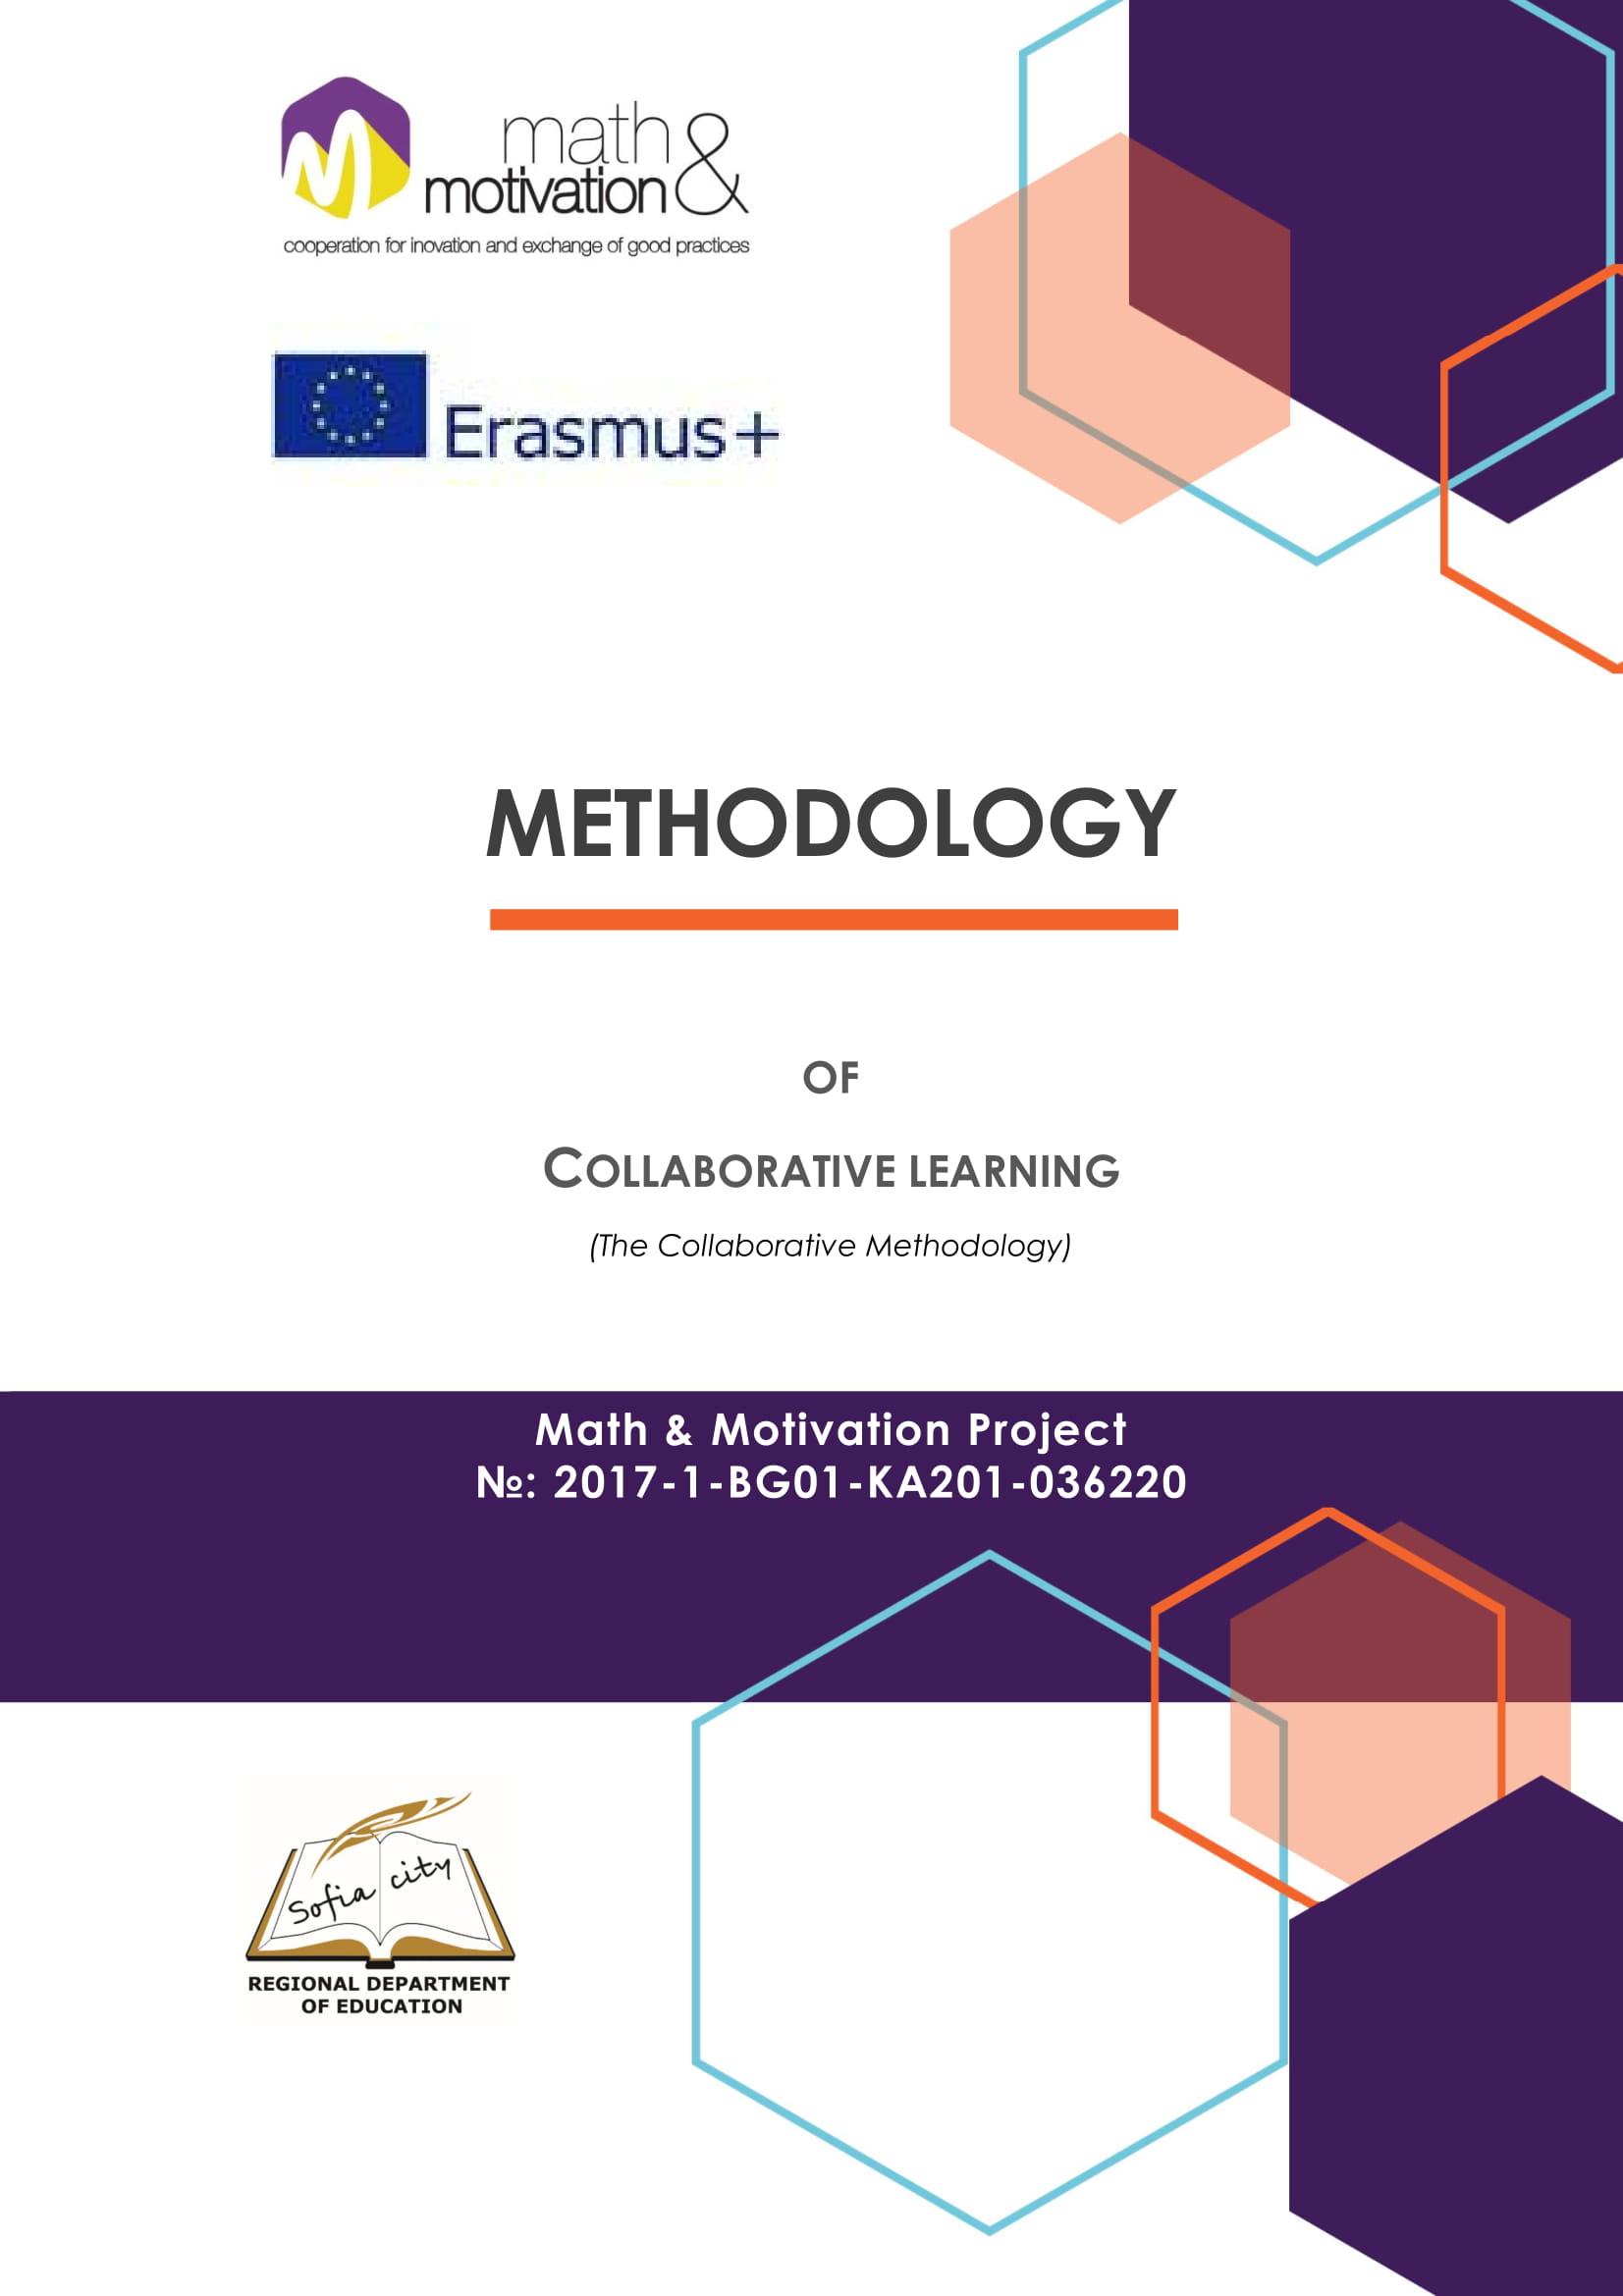 ¿Qué es la metodología de aprendizaje colaborativo?